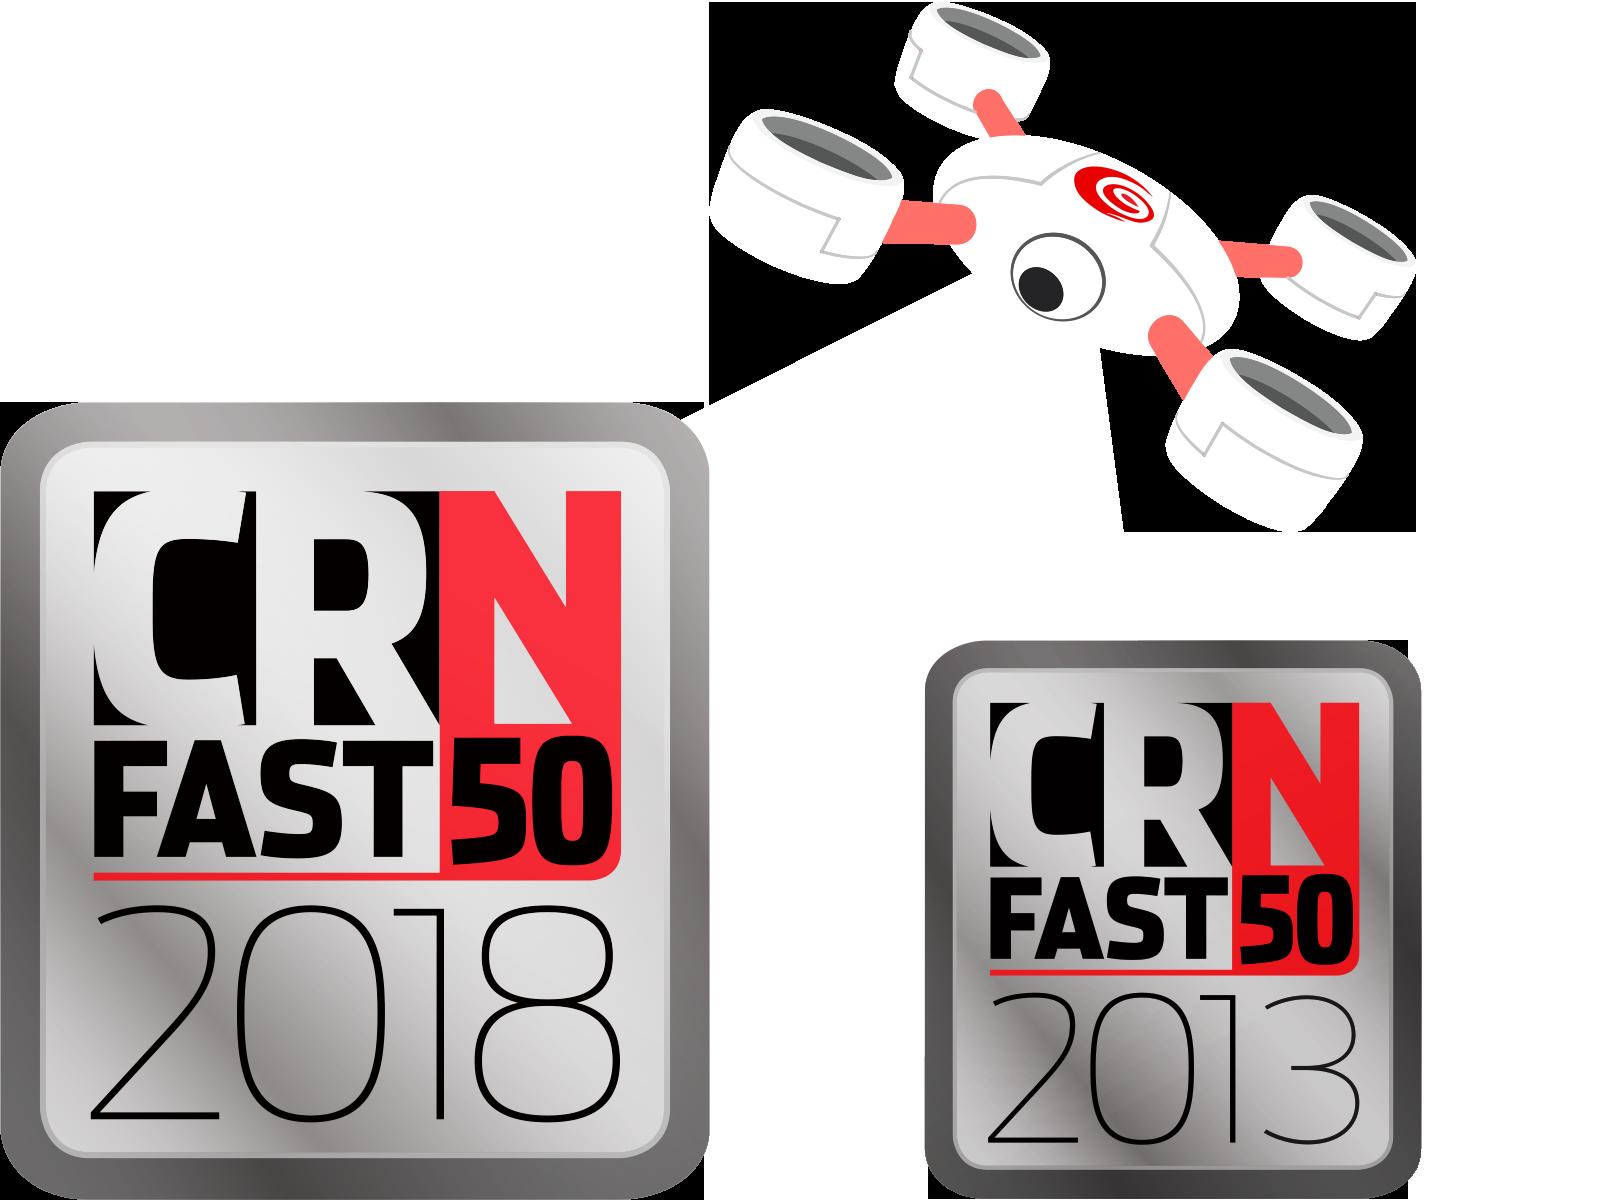 CRN Fast50 Award